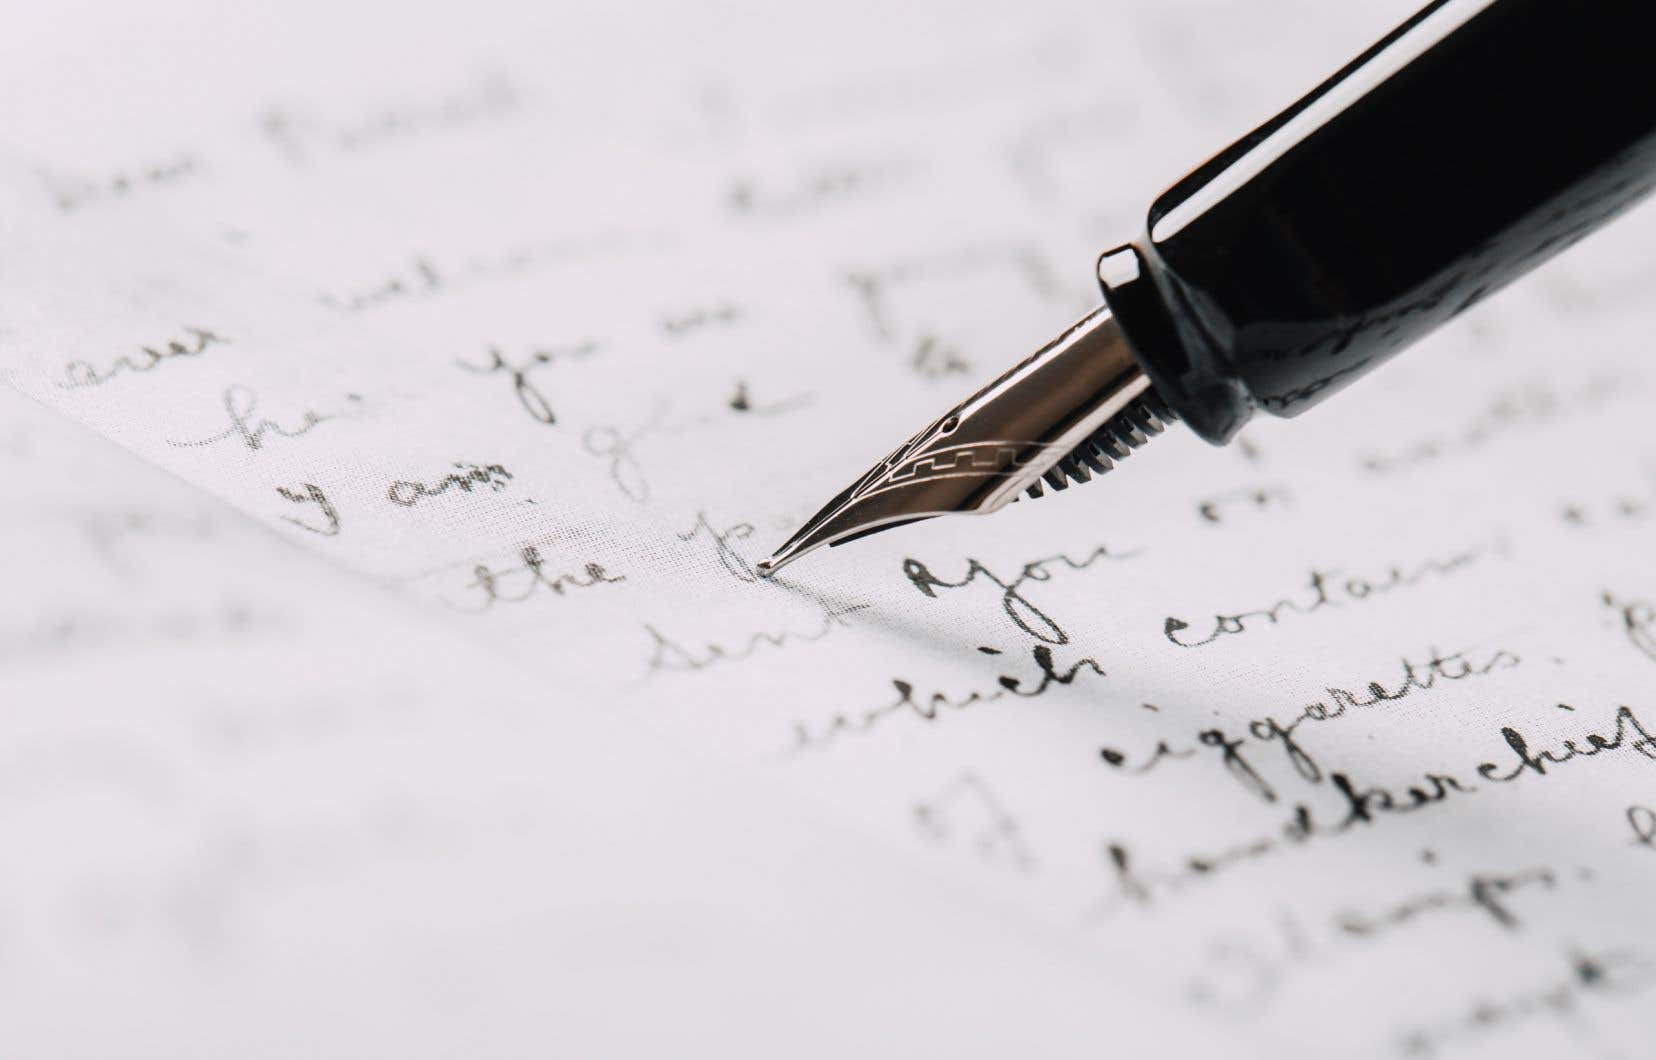 Aujourd'hui, des entreprises privées (...) offrent désormais un service sur mesure d'écriture et d'édition de biographies, imprimées en toute petite quantité, qui prend les apparences des autobiographies professionnelles.